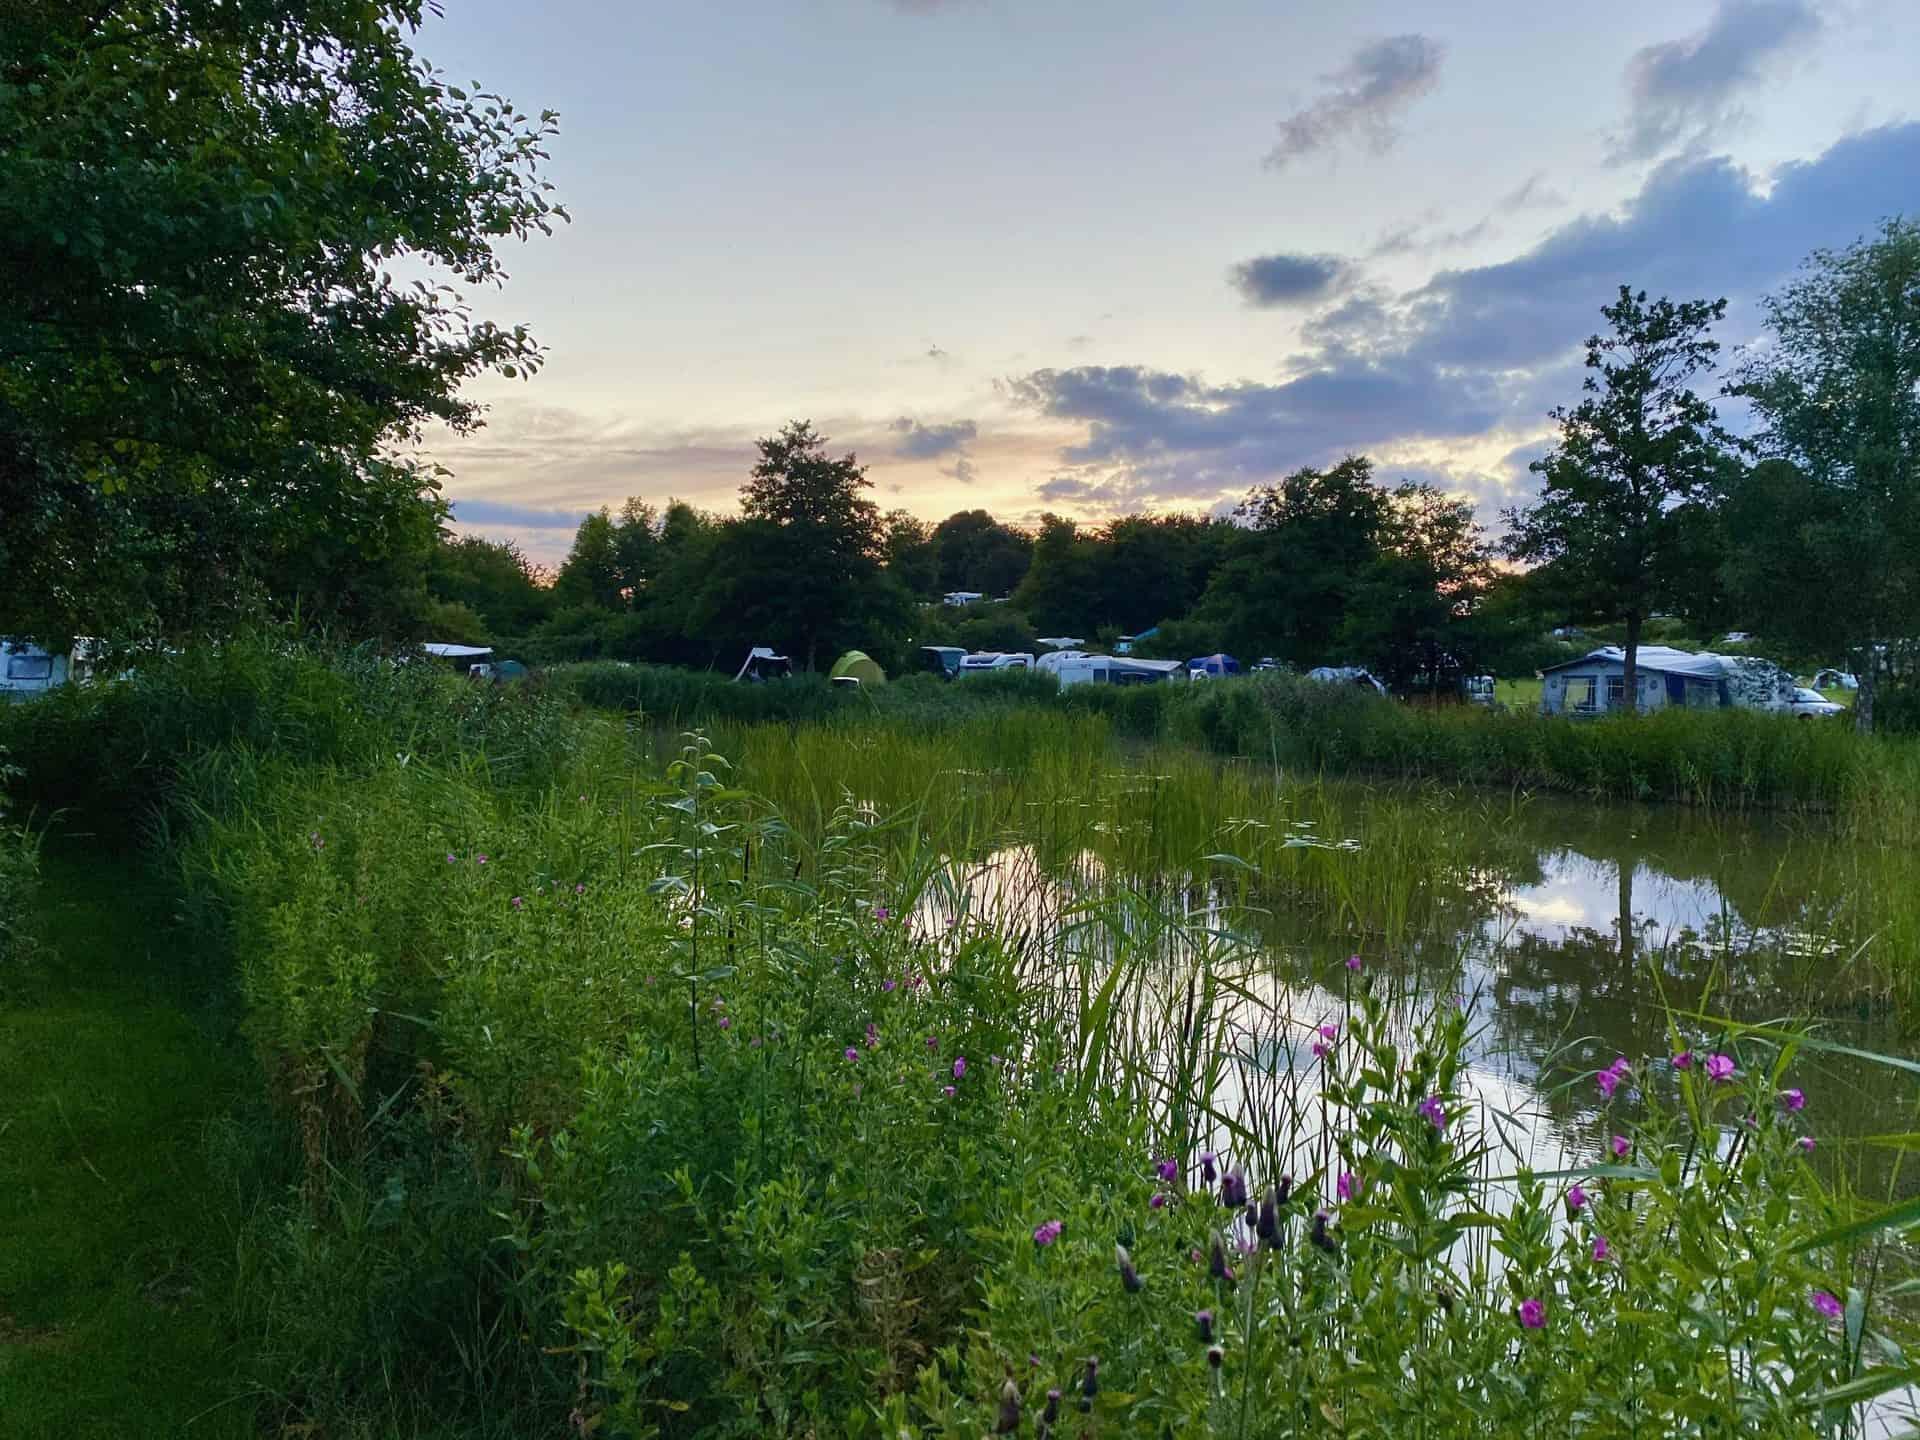 Reise-Wohnmobil-Daenemark-Campingplatz-Mons-Klint-Fischteich